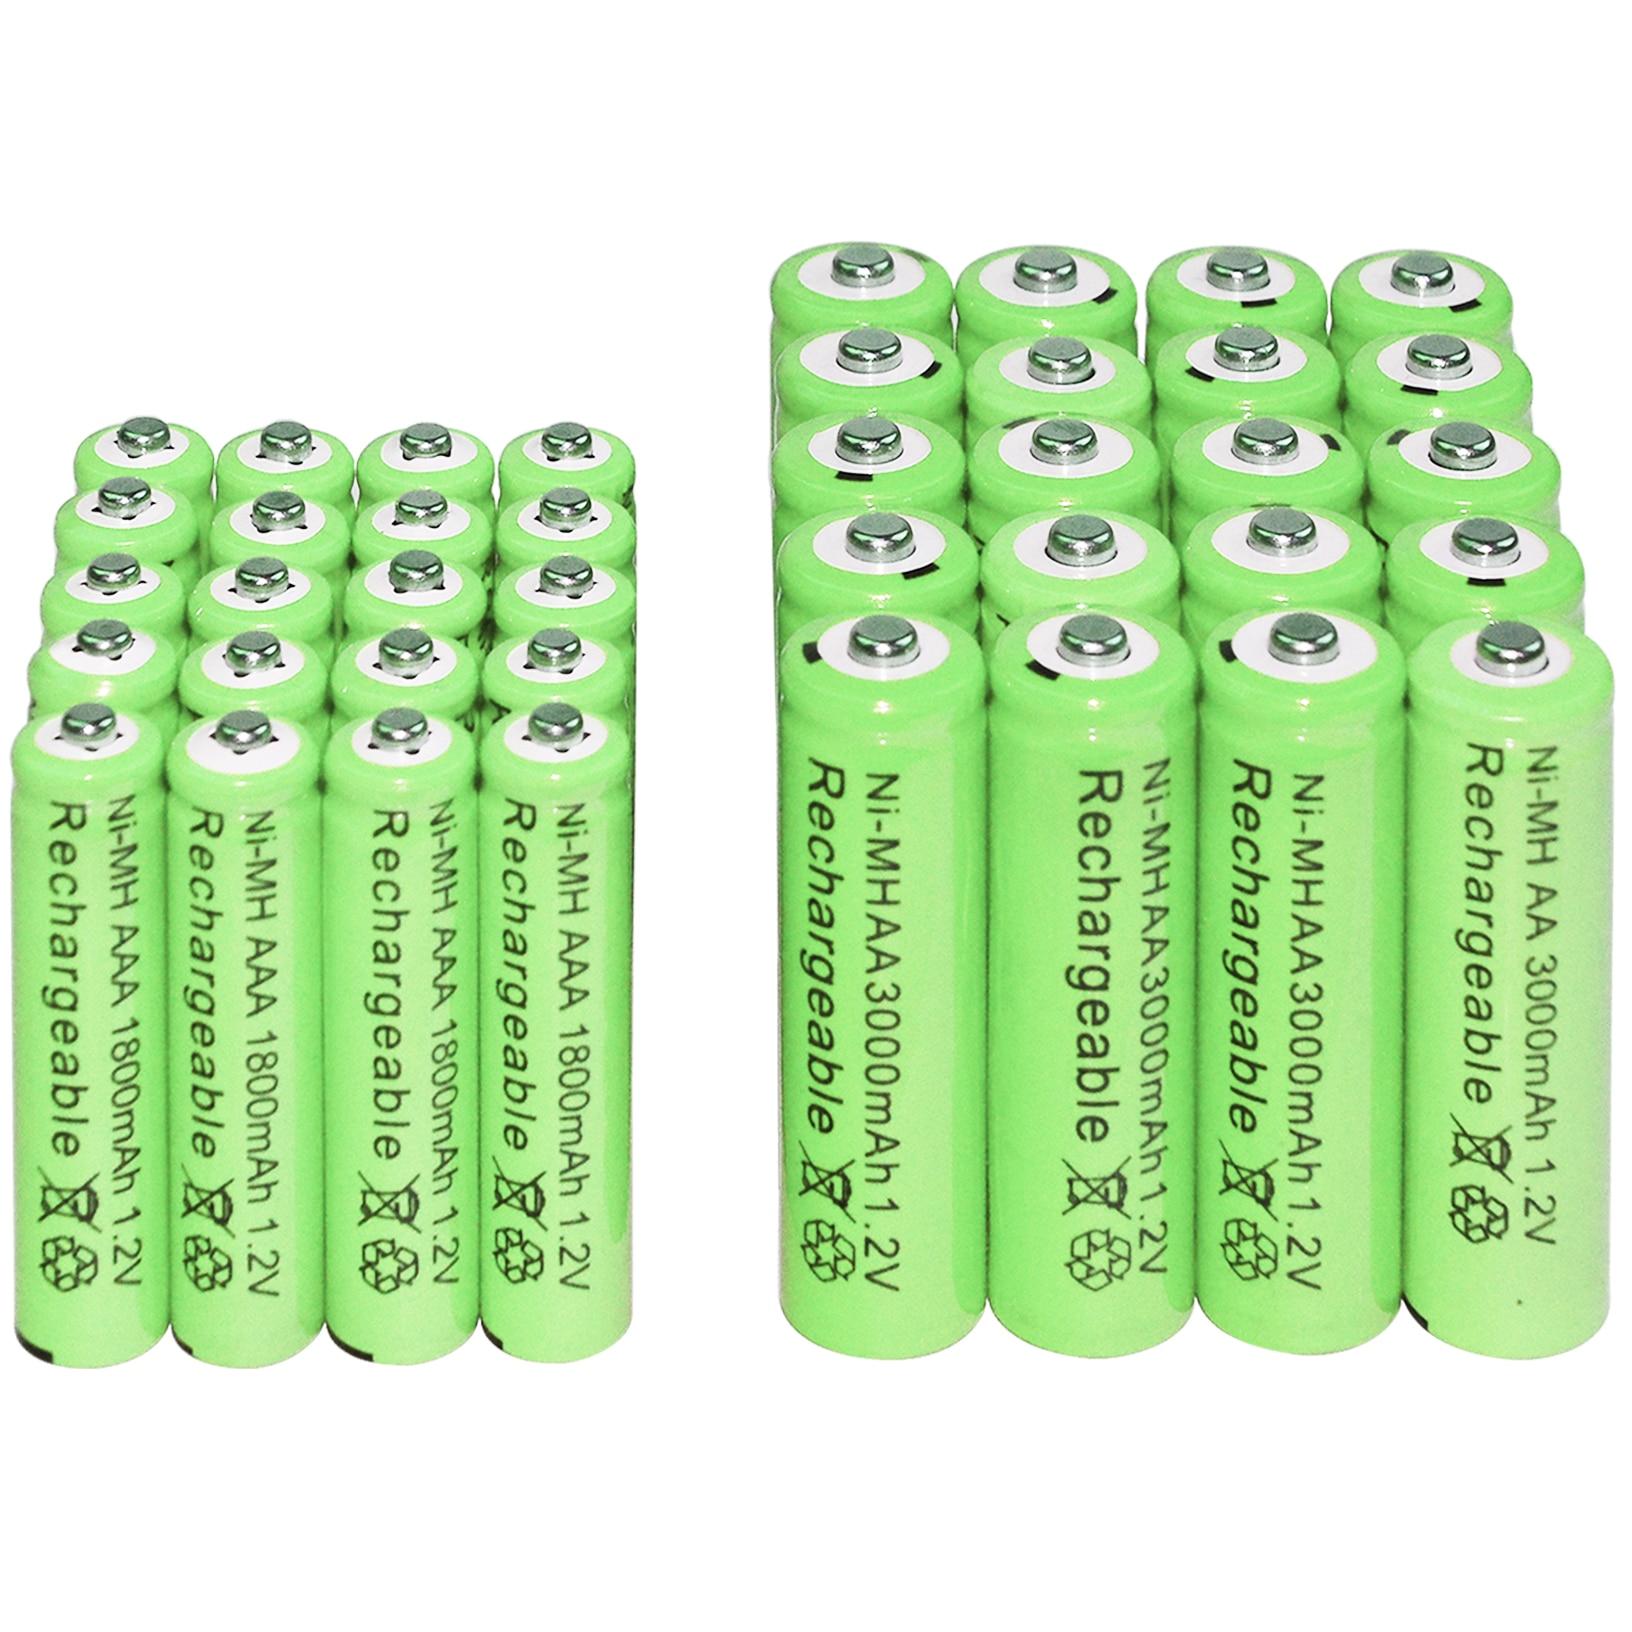 2/6/12/16/20/24/30 pcs AAA 1800 mAh + AA 3000 mAh 1.2 v Ni-MH Baterias Recarregáveis verde